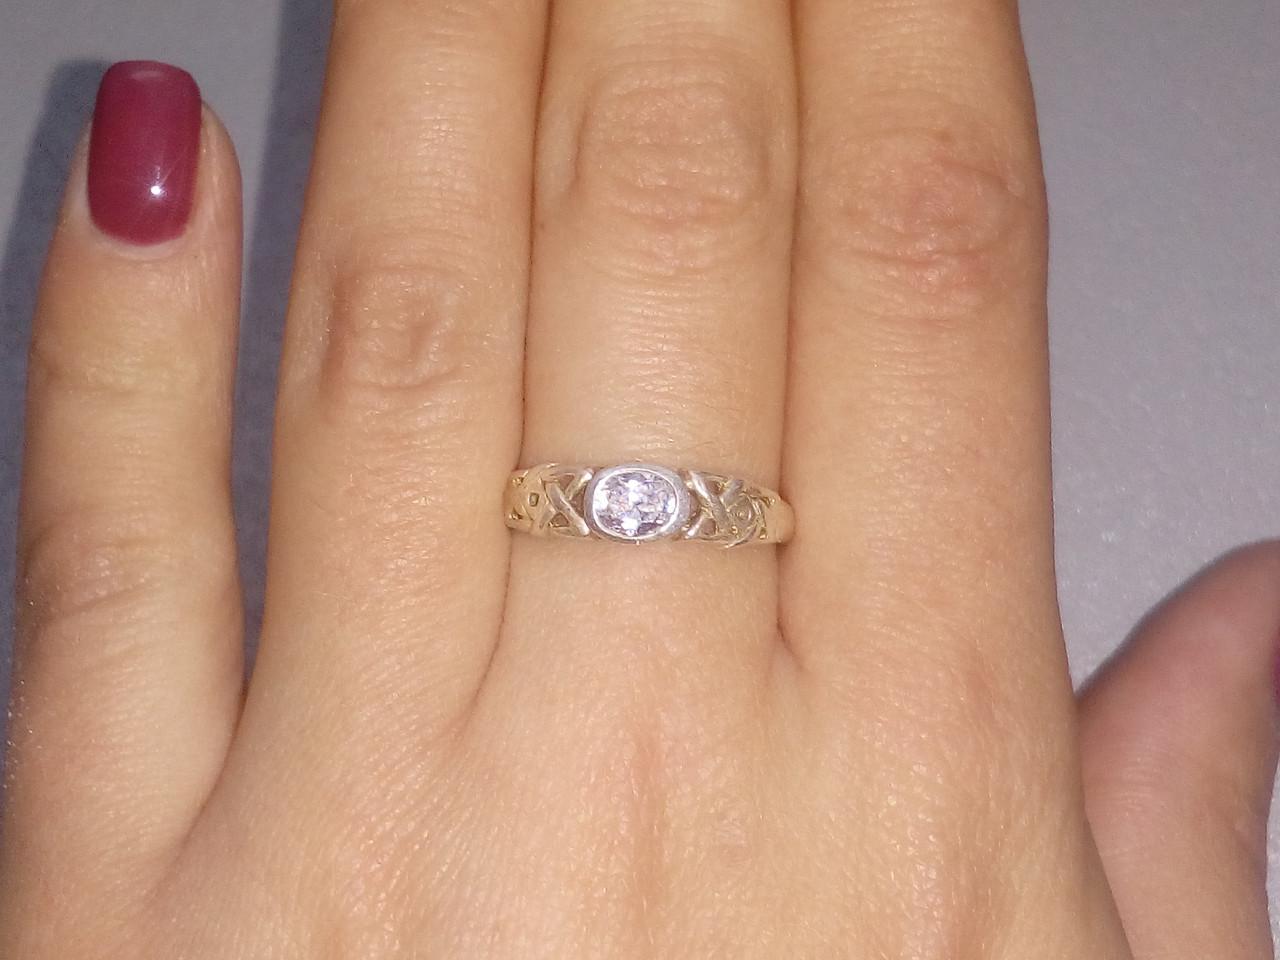 Кольцо из серебра 925 пробы, серебряное кольцо 16.5-17 размер